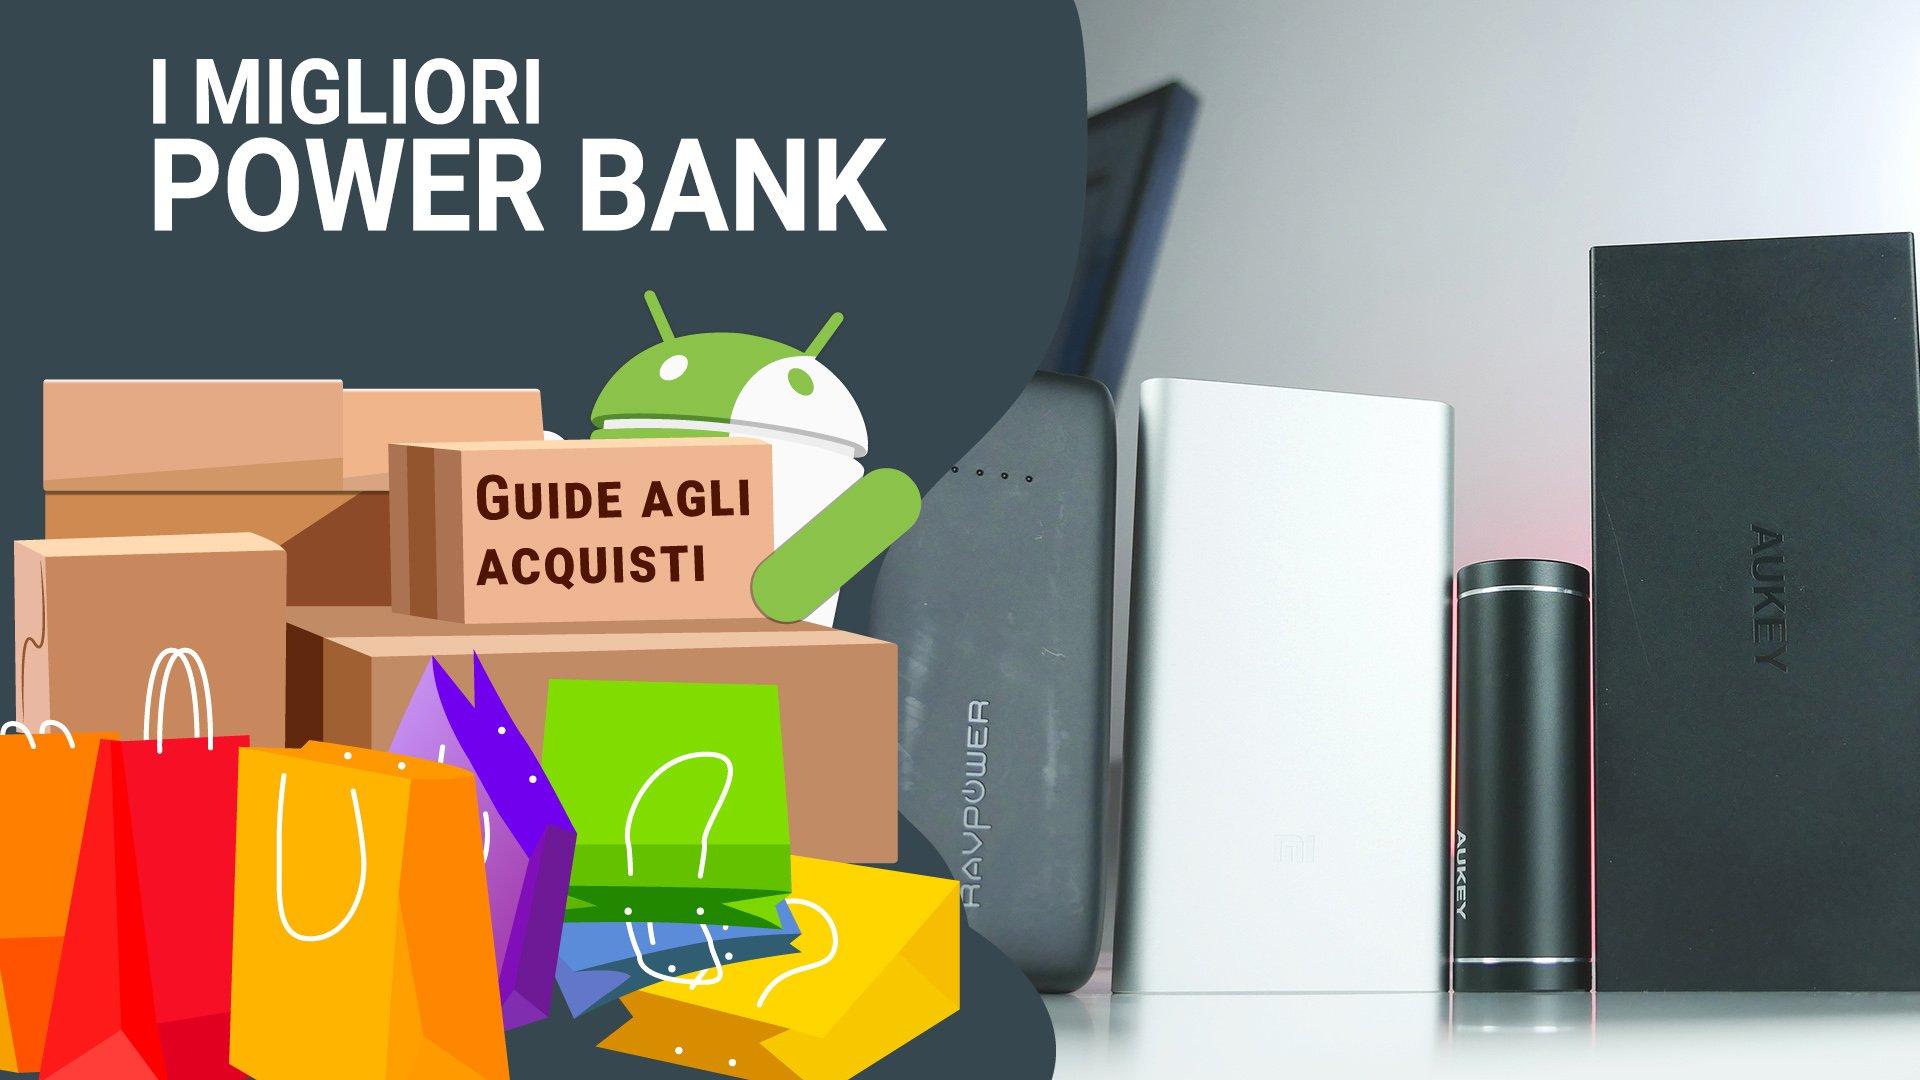 Power Bank per tutte le tasche: ecco i migliori a dicembre 2